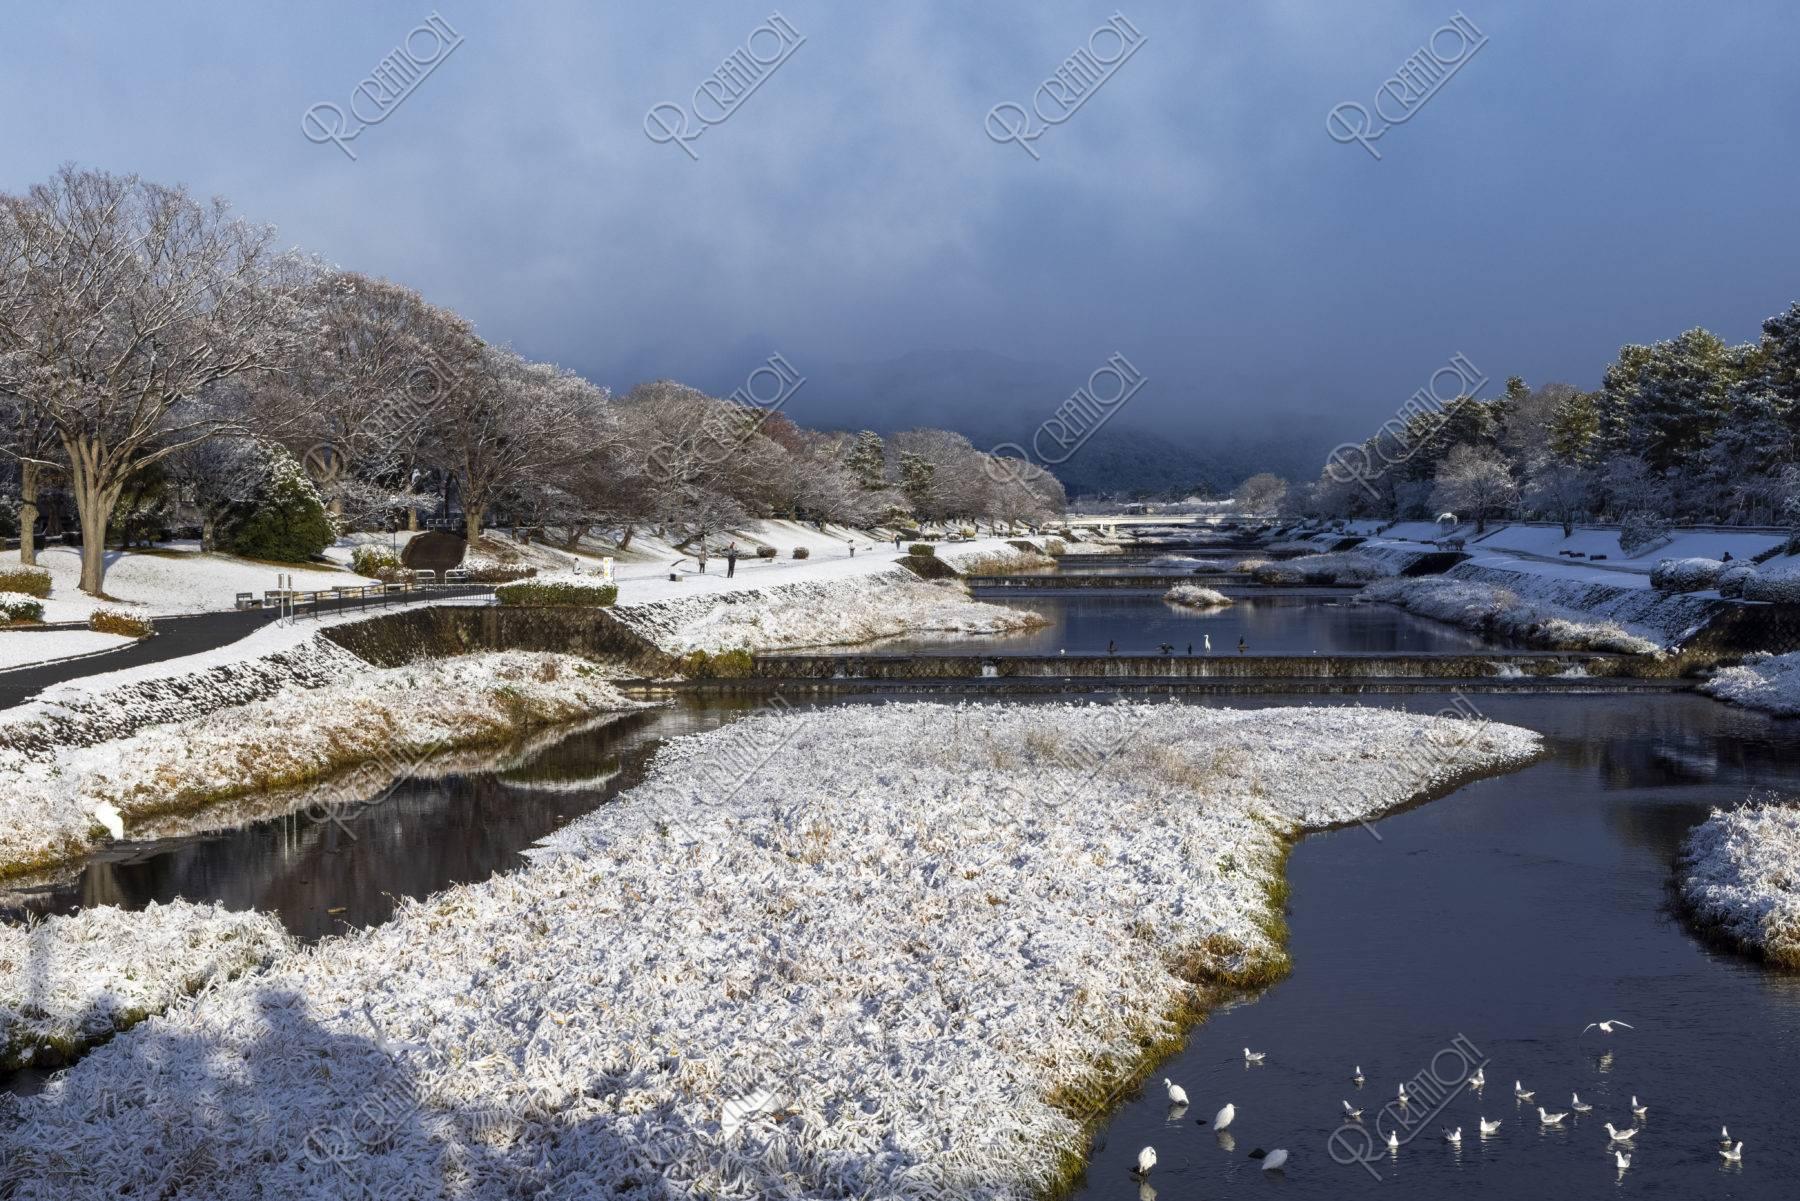 北大路橋からの賀茂川雪景色